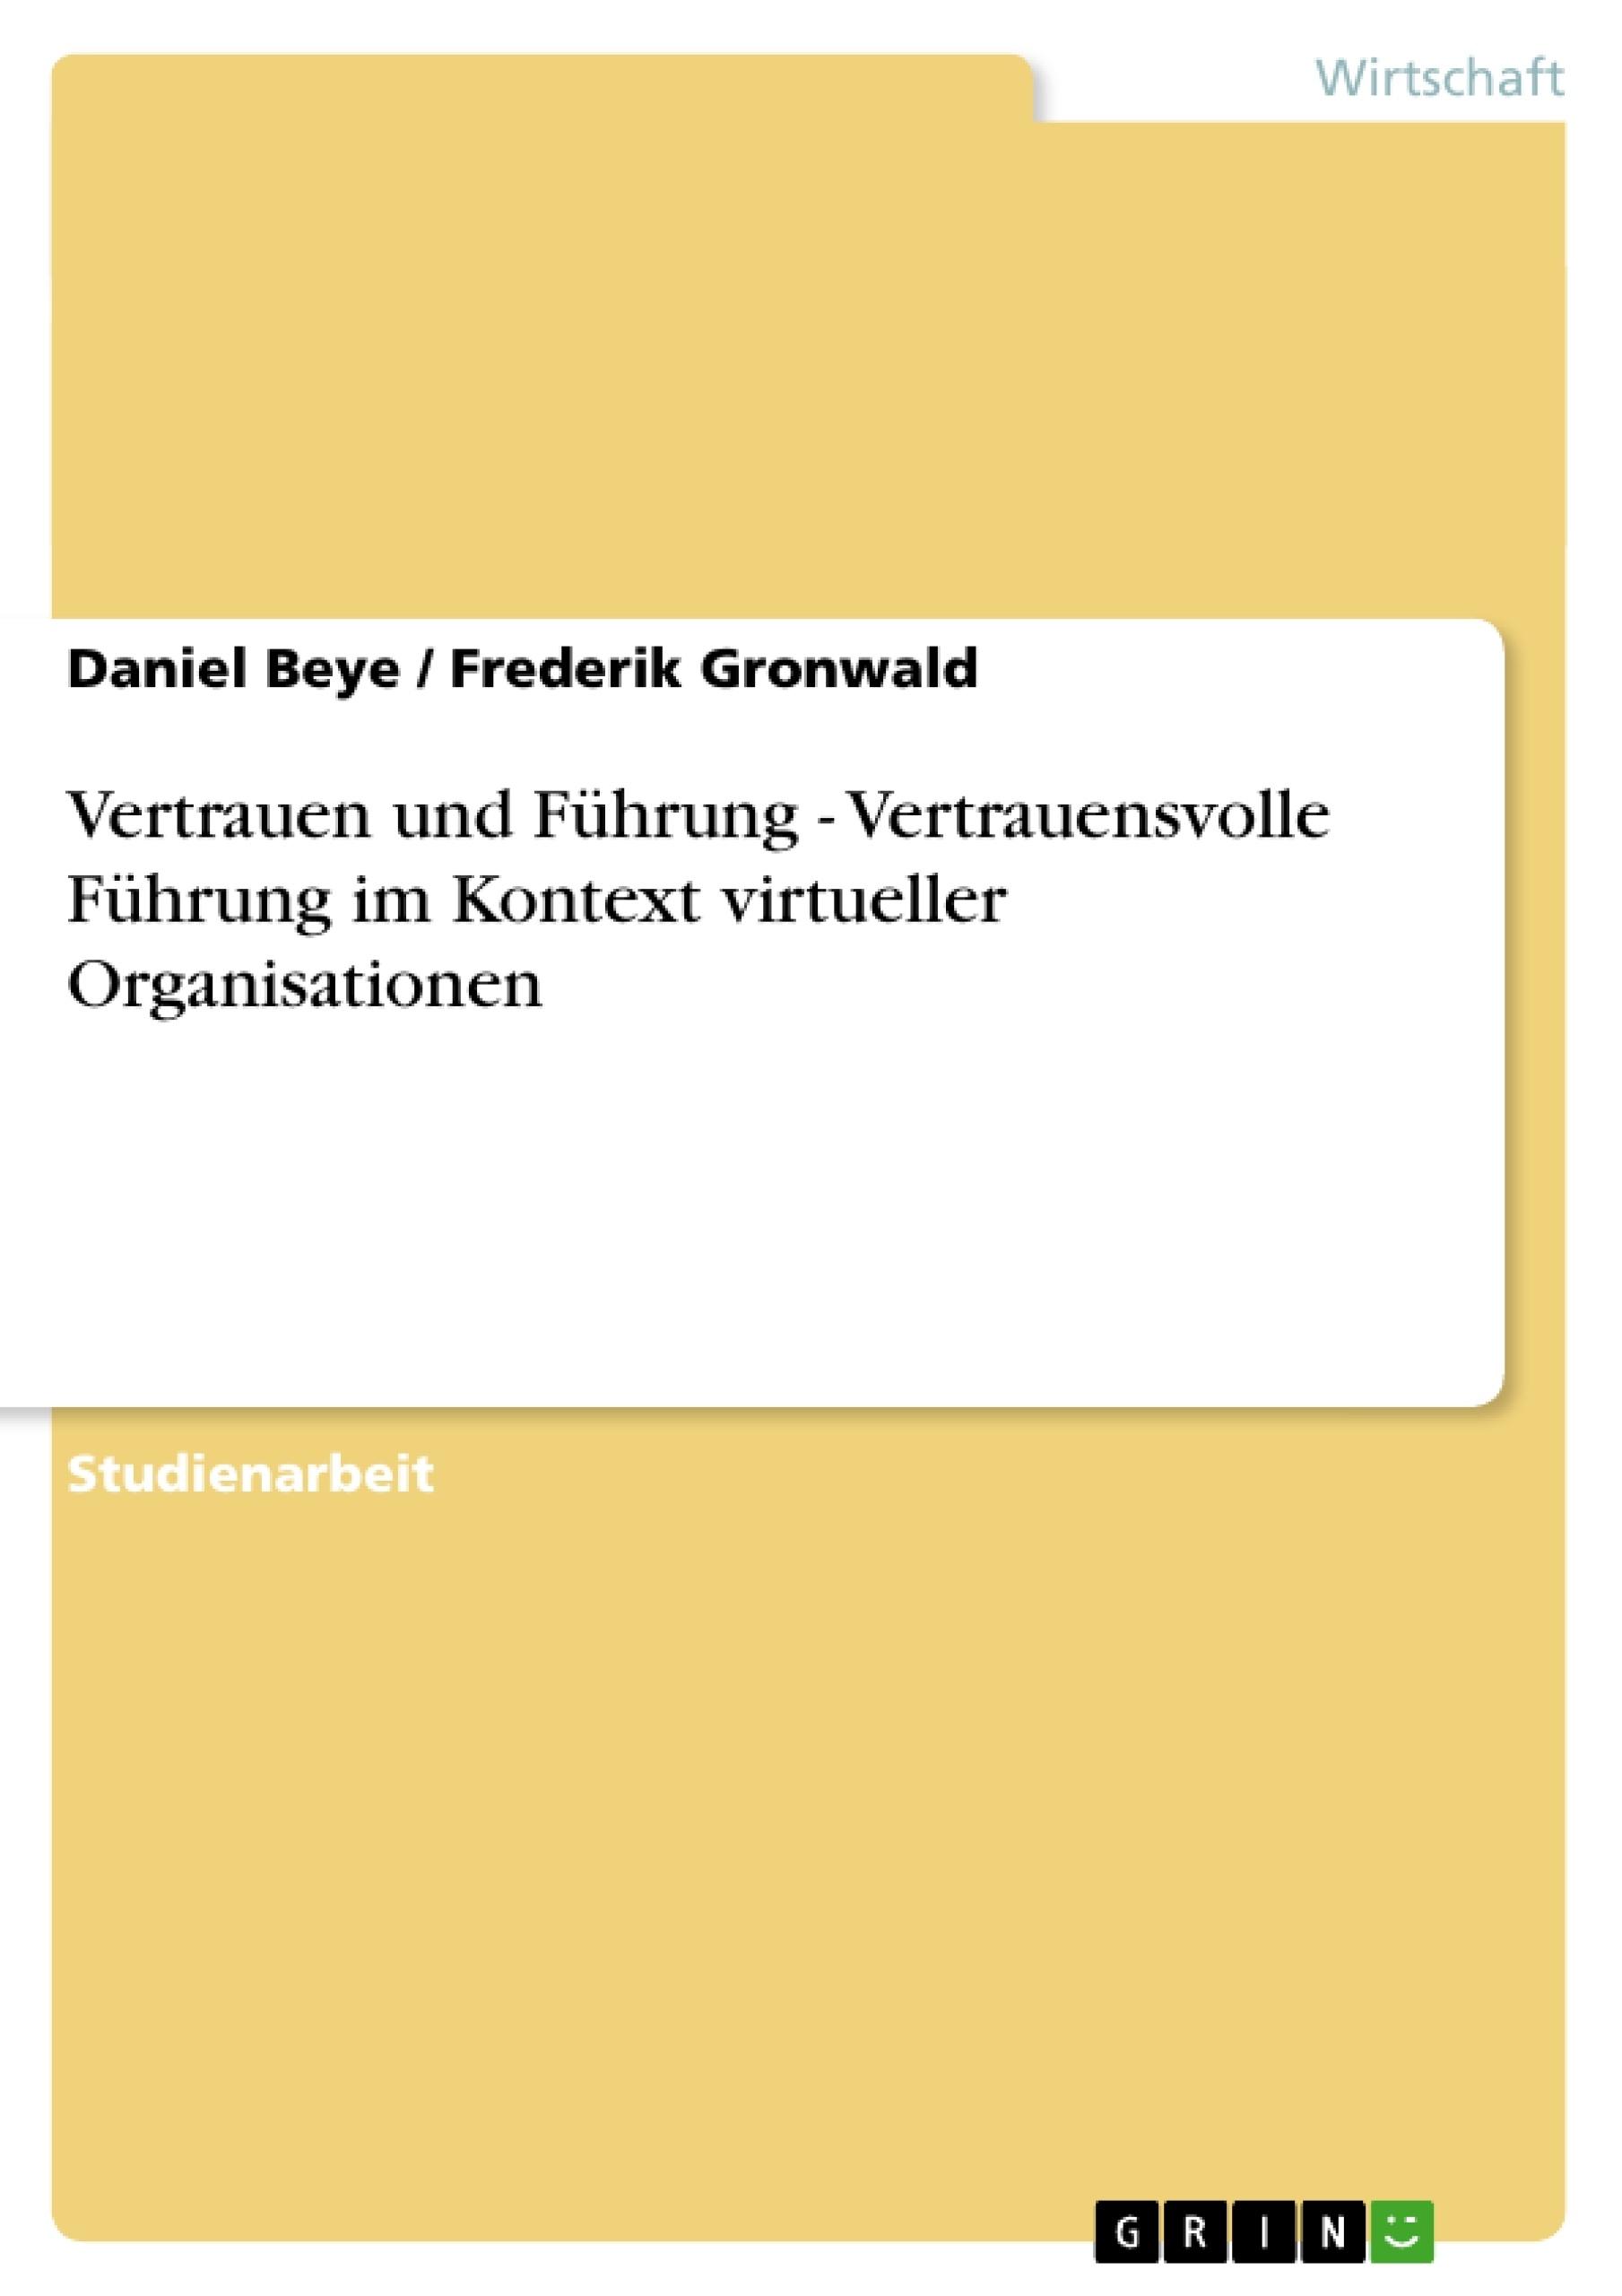 Titel: Vertrauen und Führung - Vertrauensvolle Führung im Kontext virtueller Organisationen